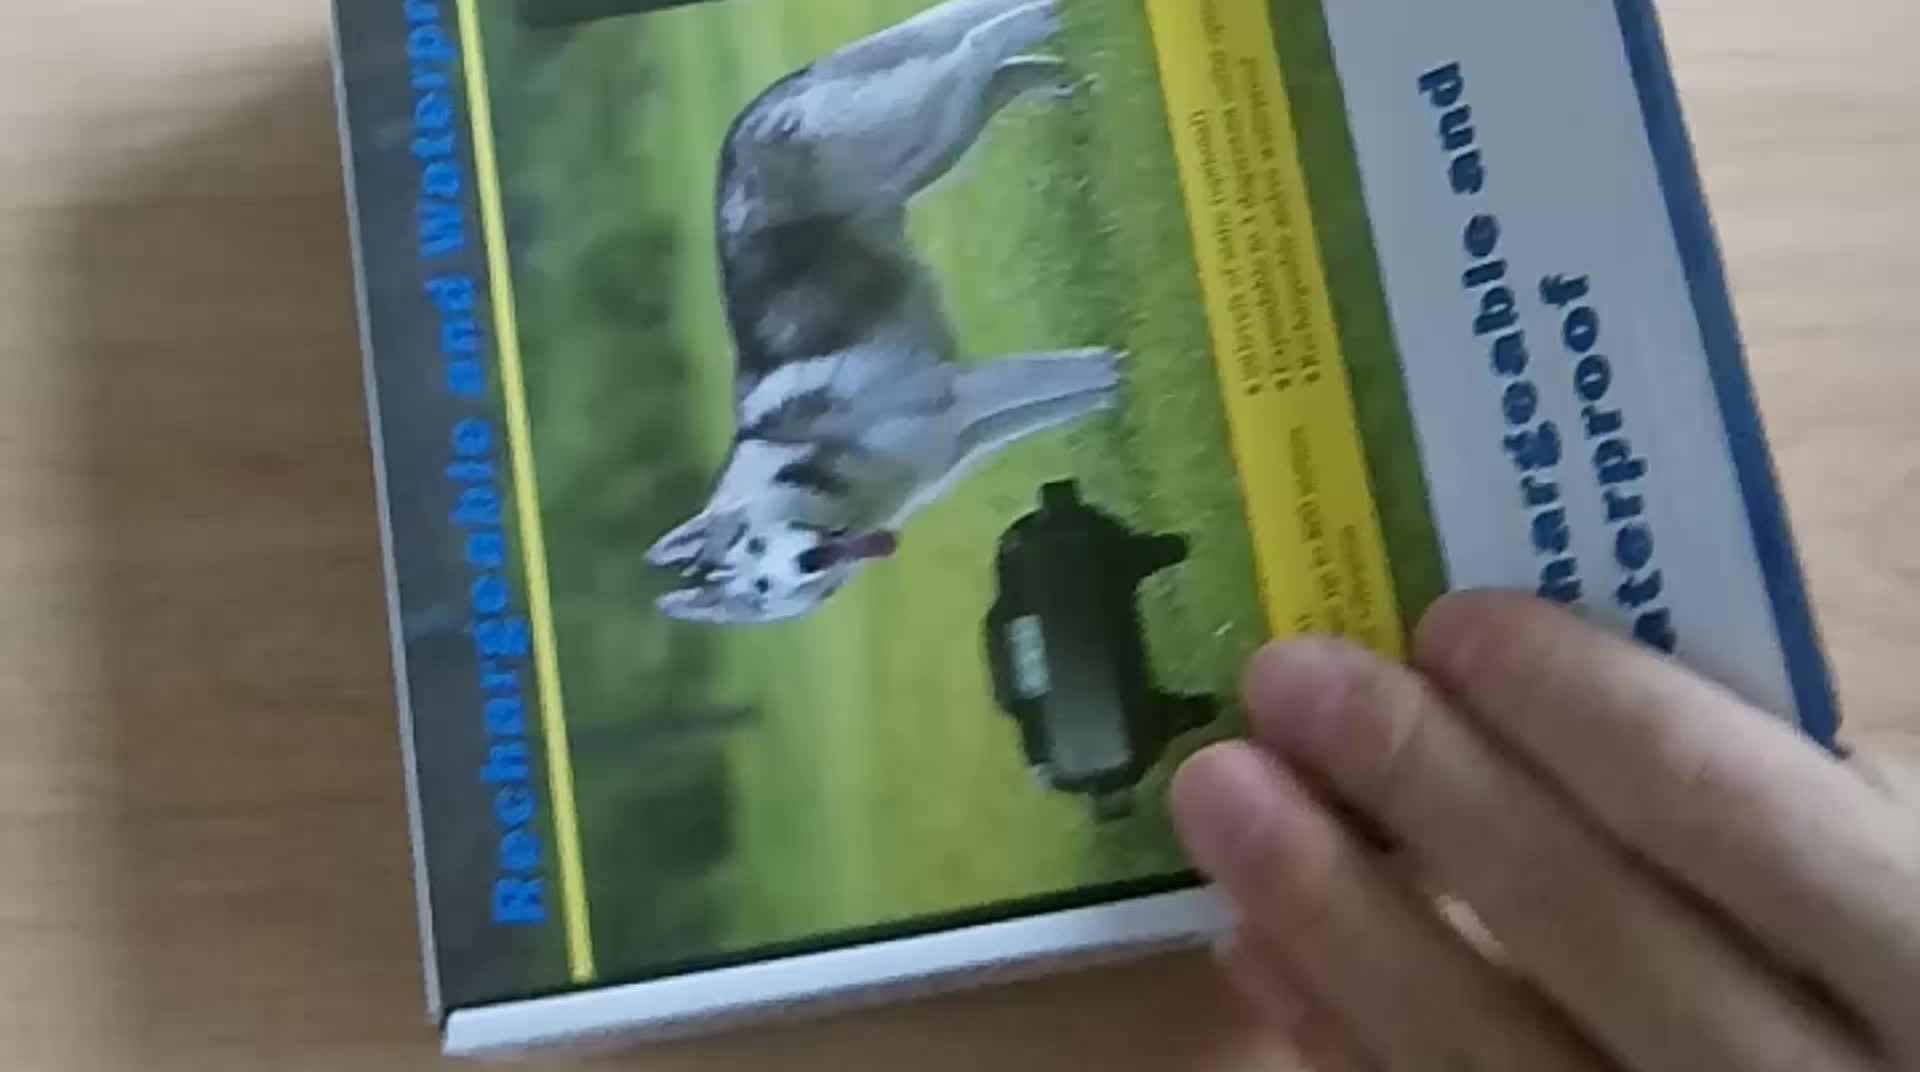 Amazon Top 10 800 metros À Prova D' Água Recarregável Remoto Dog Training Collar Choque Eletrônico com Tela de LCD